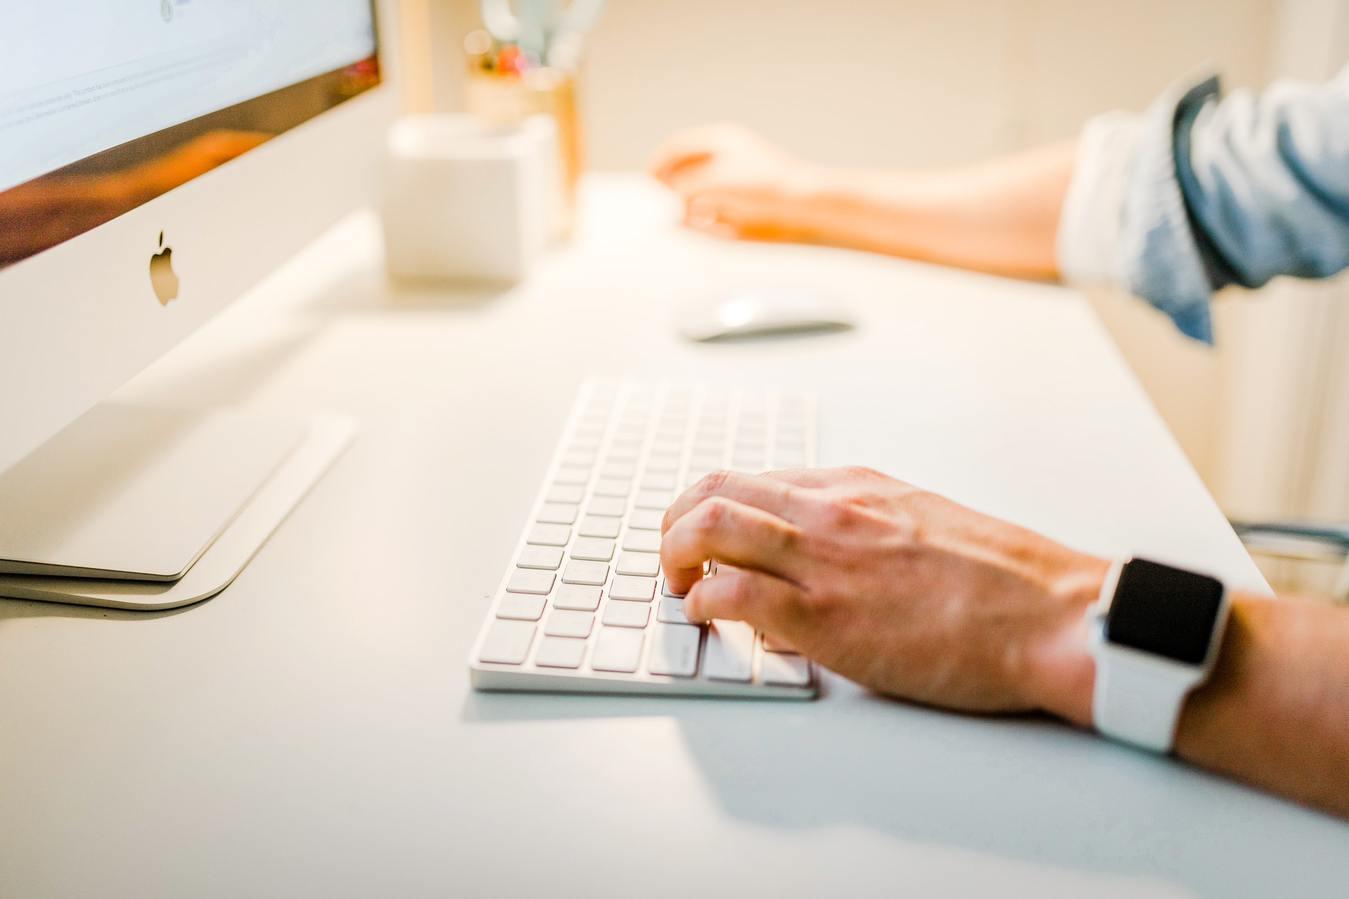 Homem a trabalhar num computador - ganhar dinheiro online